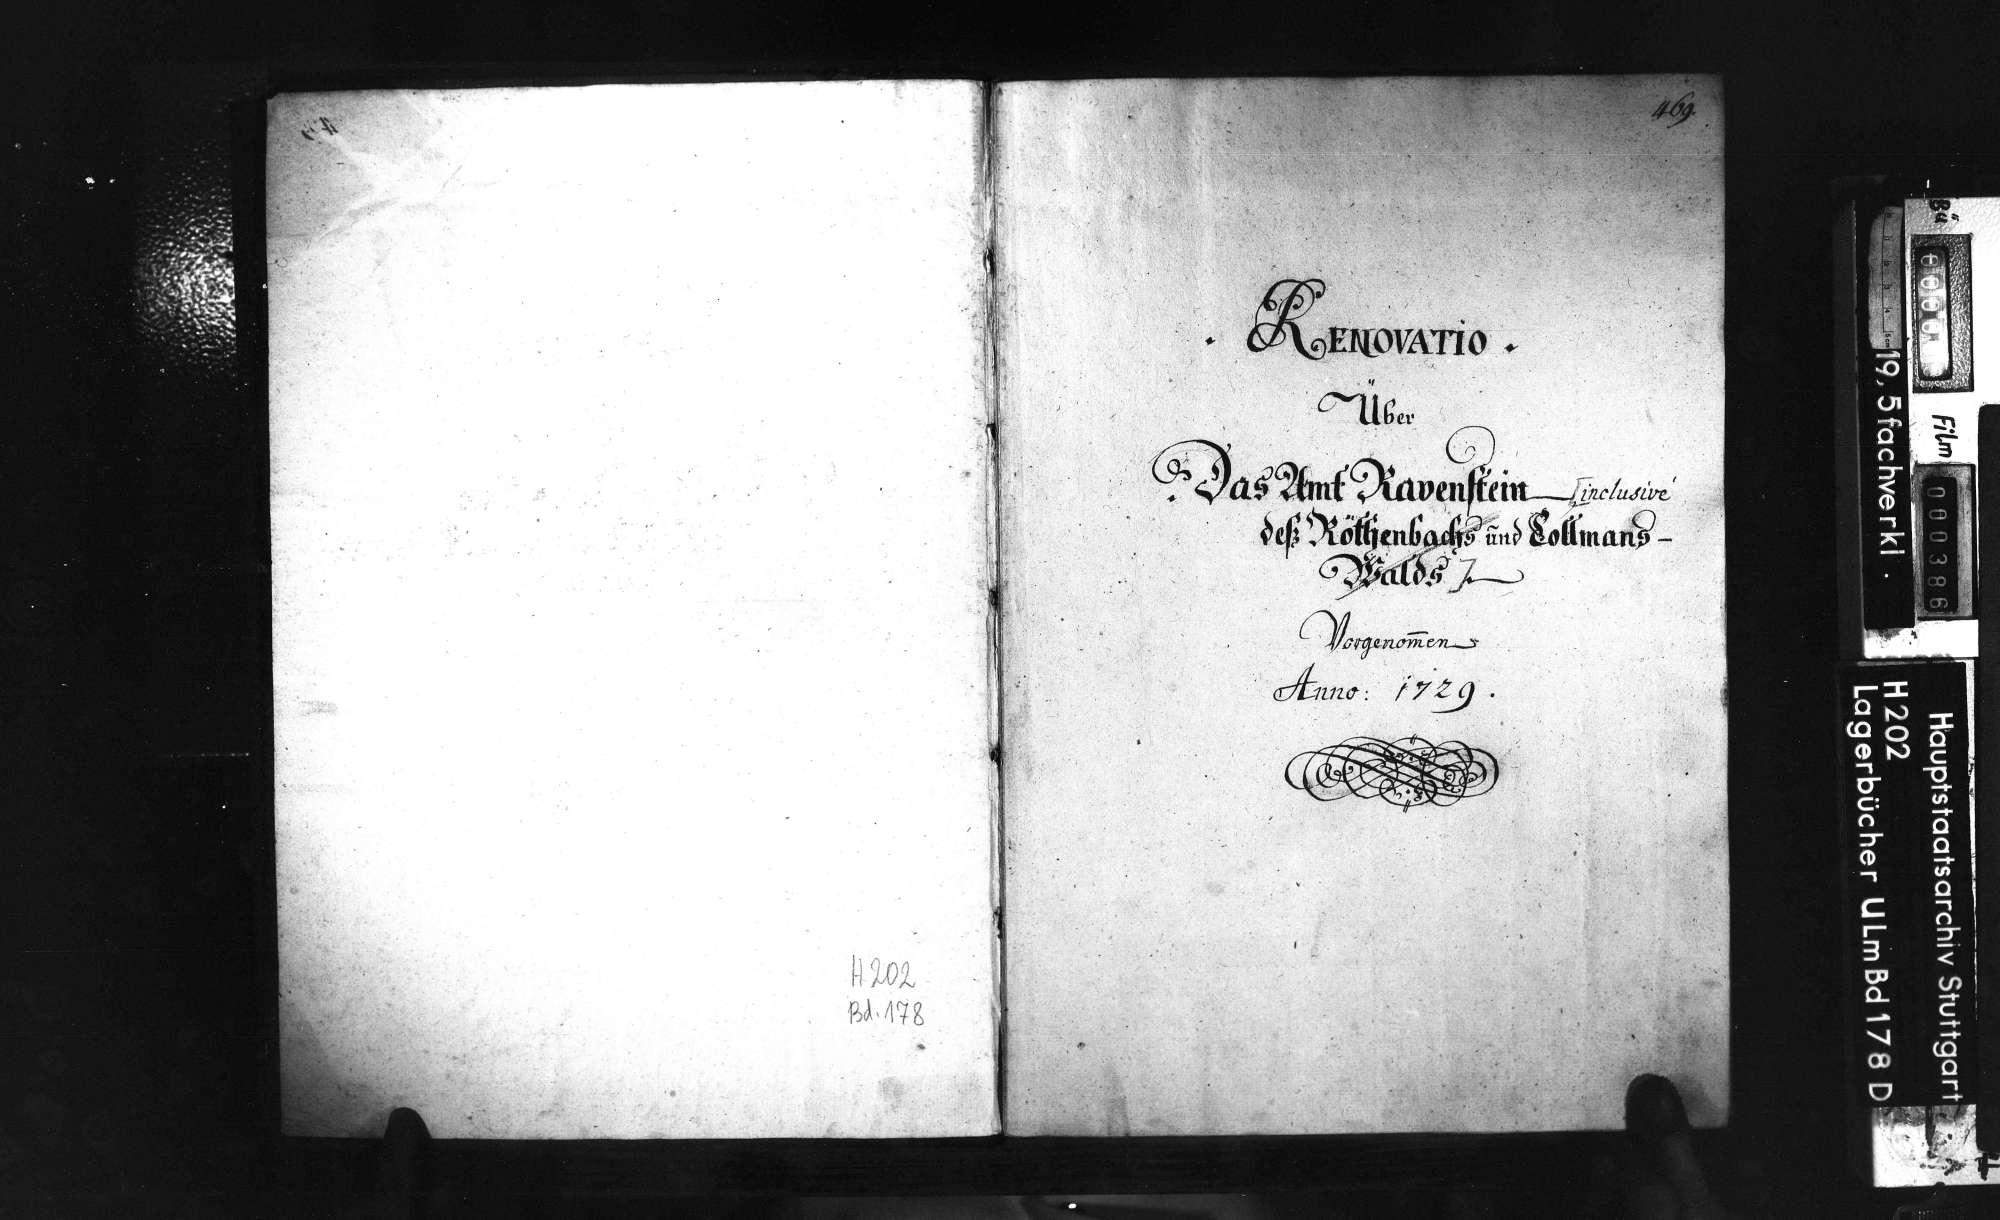 Amt Ravenstein: Auszug, Bild 2